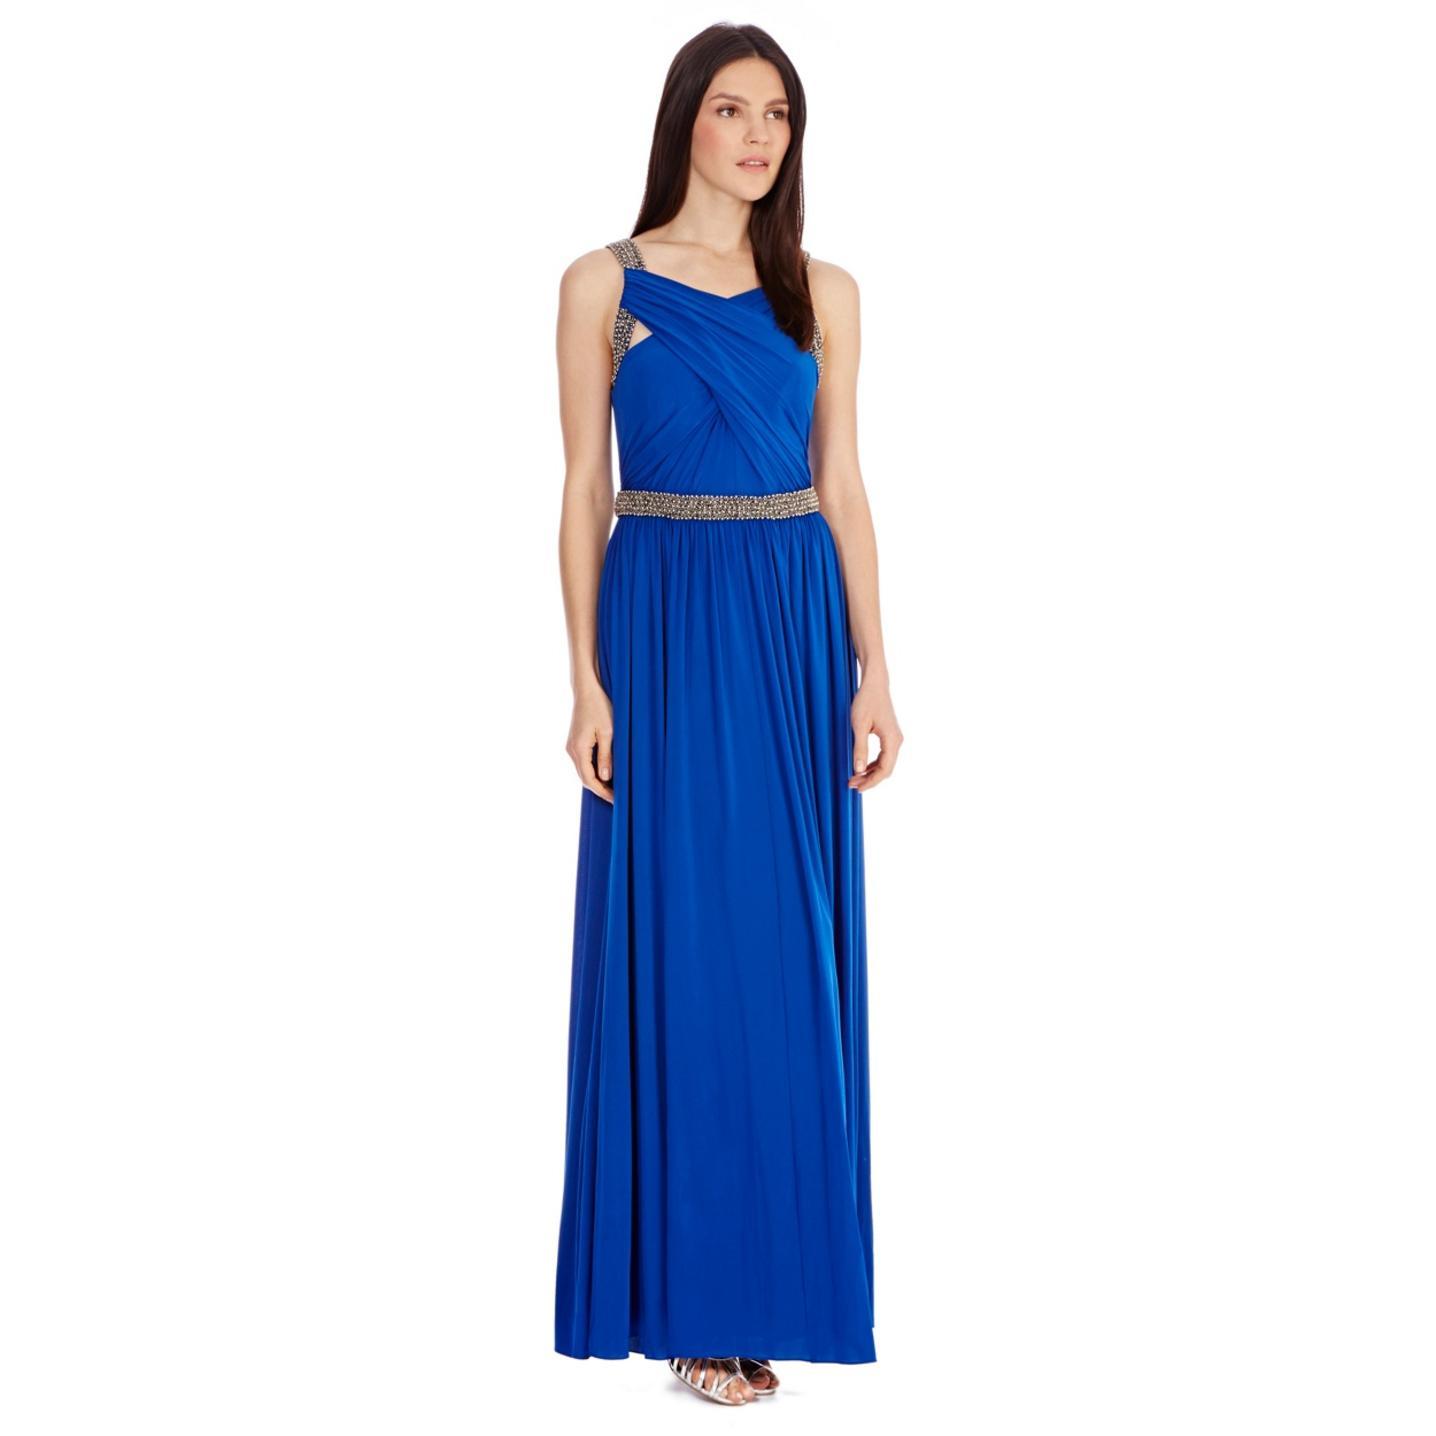 Вечерние платья в греческом стиле: разновидности и подходящие аксессуары 14